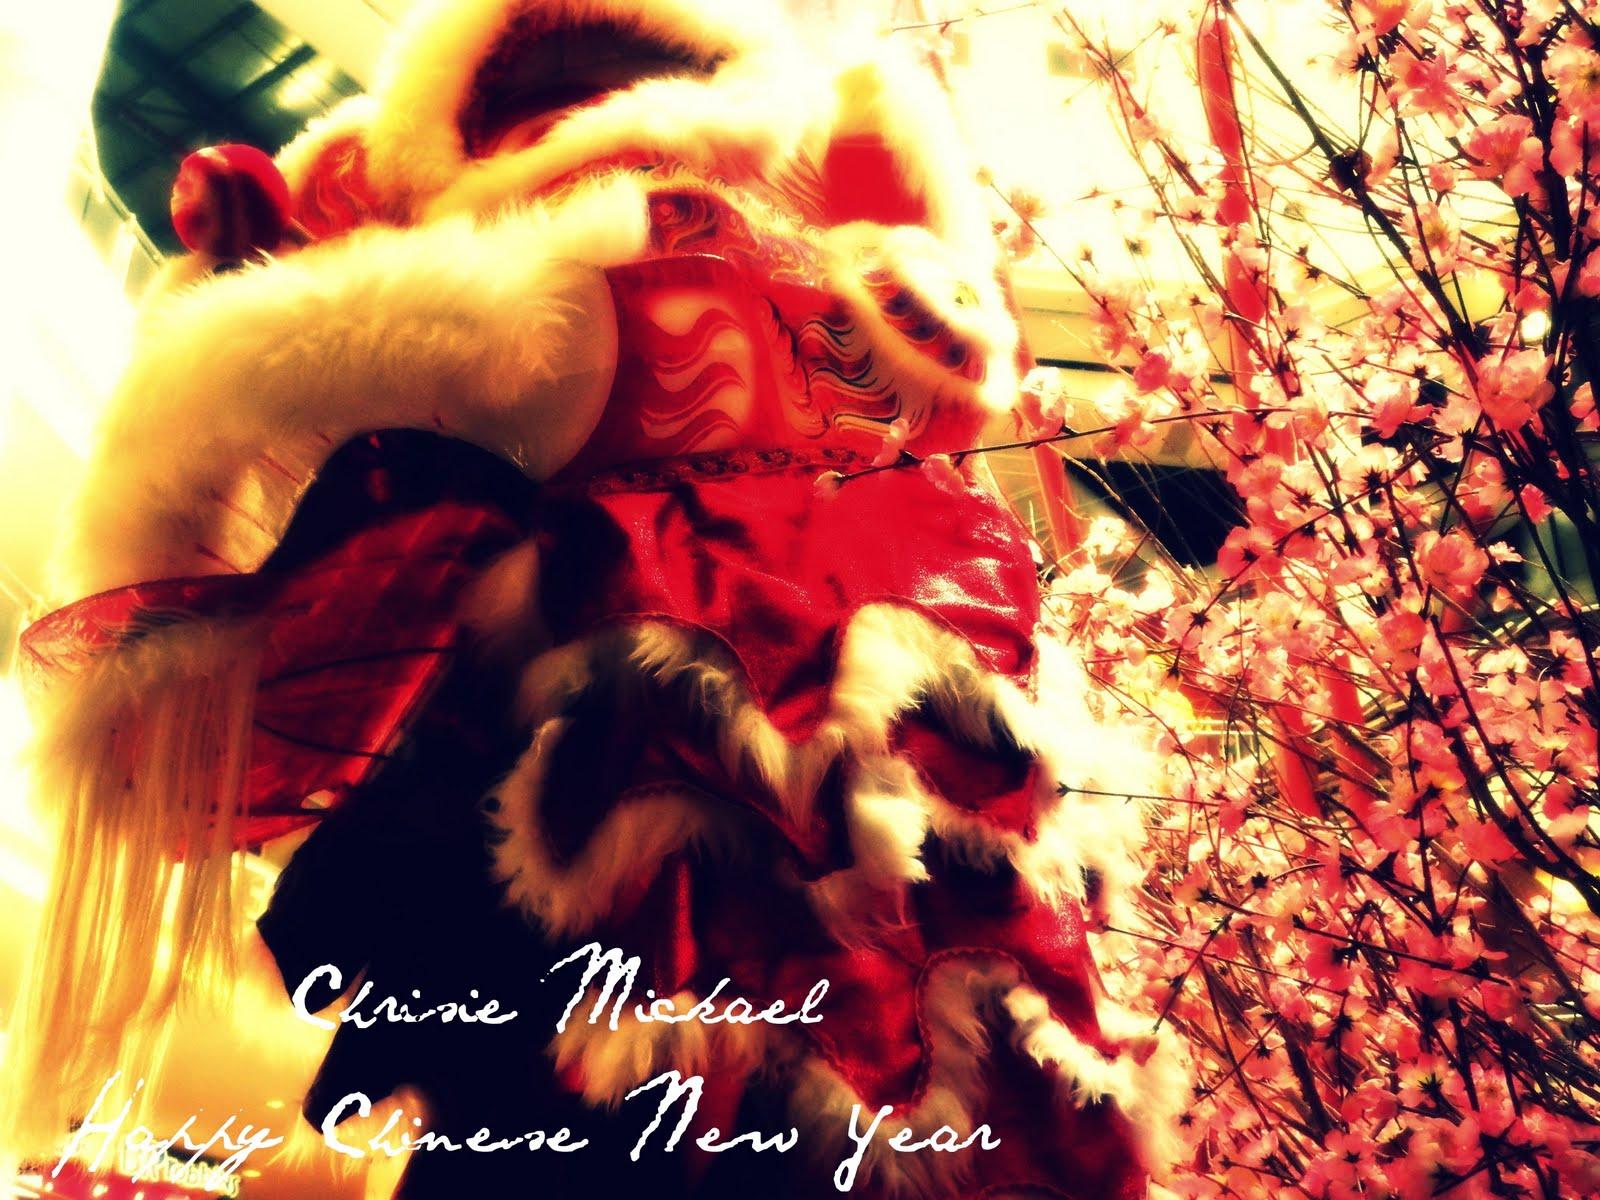 Chinese New Year Photo Shooting Skills 2011 Chrisie Mickael